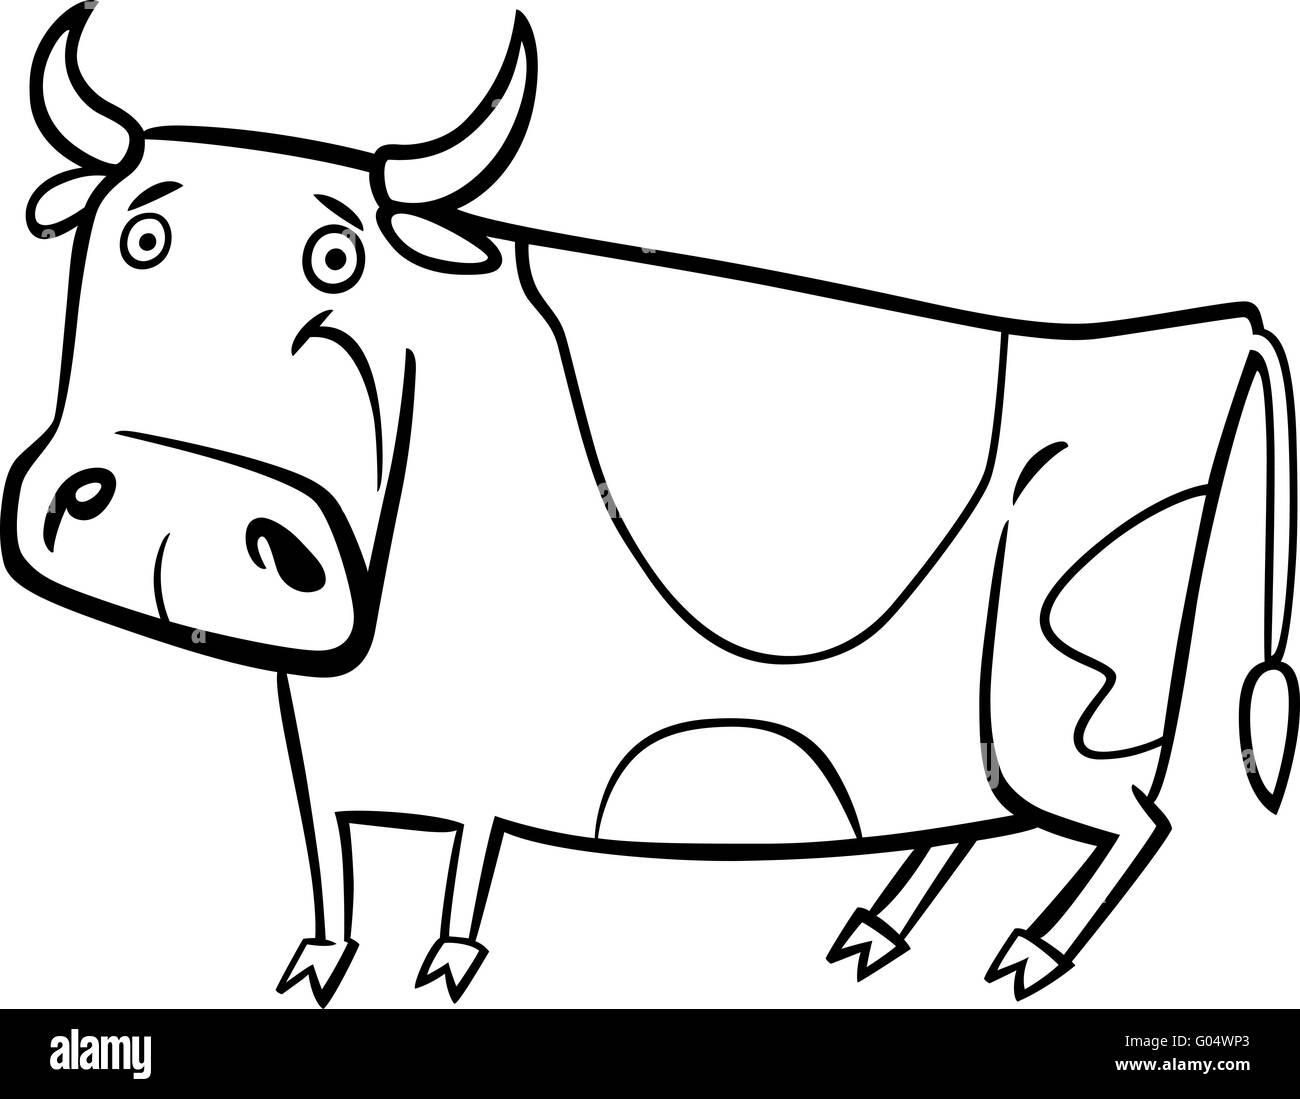 Ilustración De Dibujos Animados De La Granja Vaca Para Colorear Foto